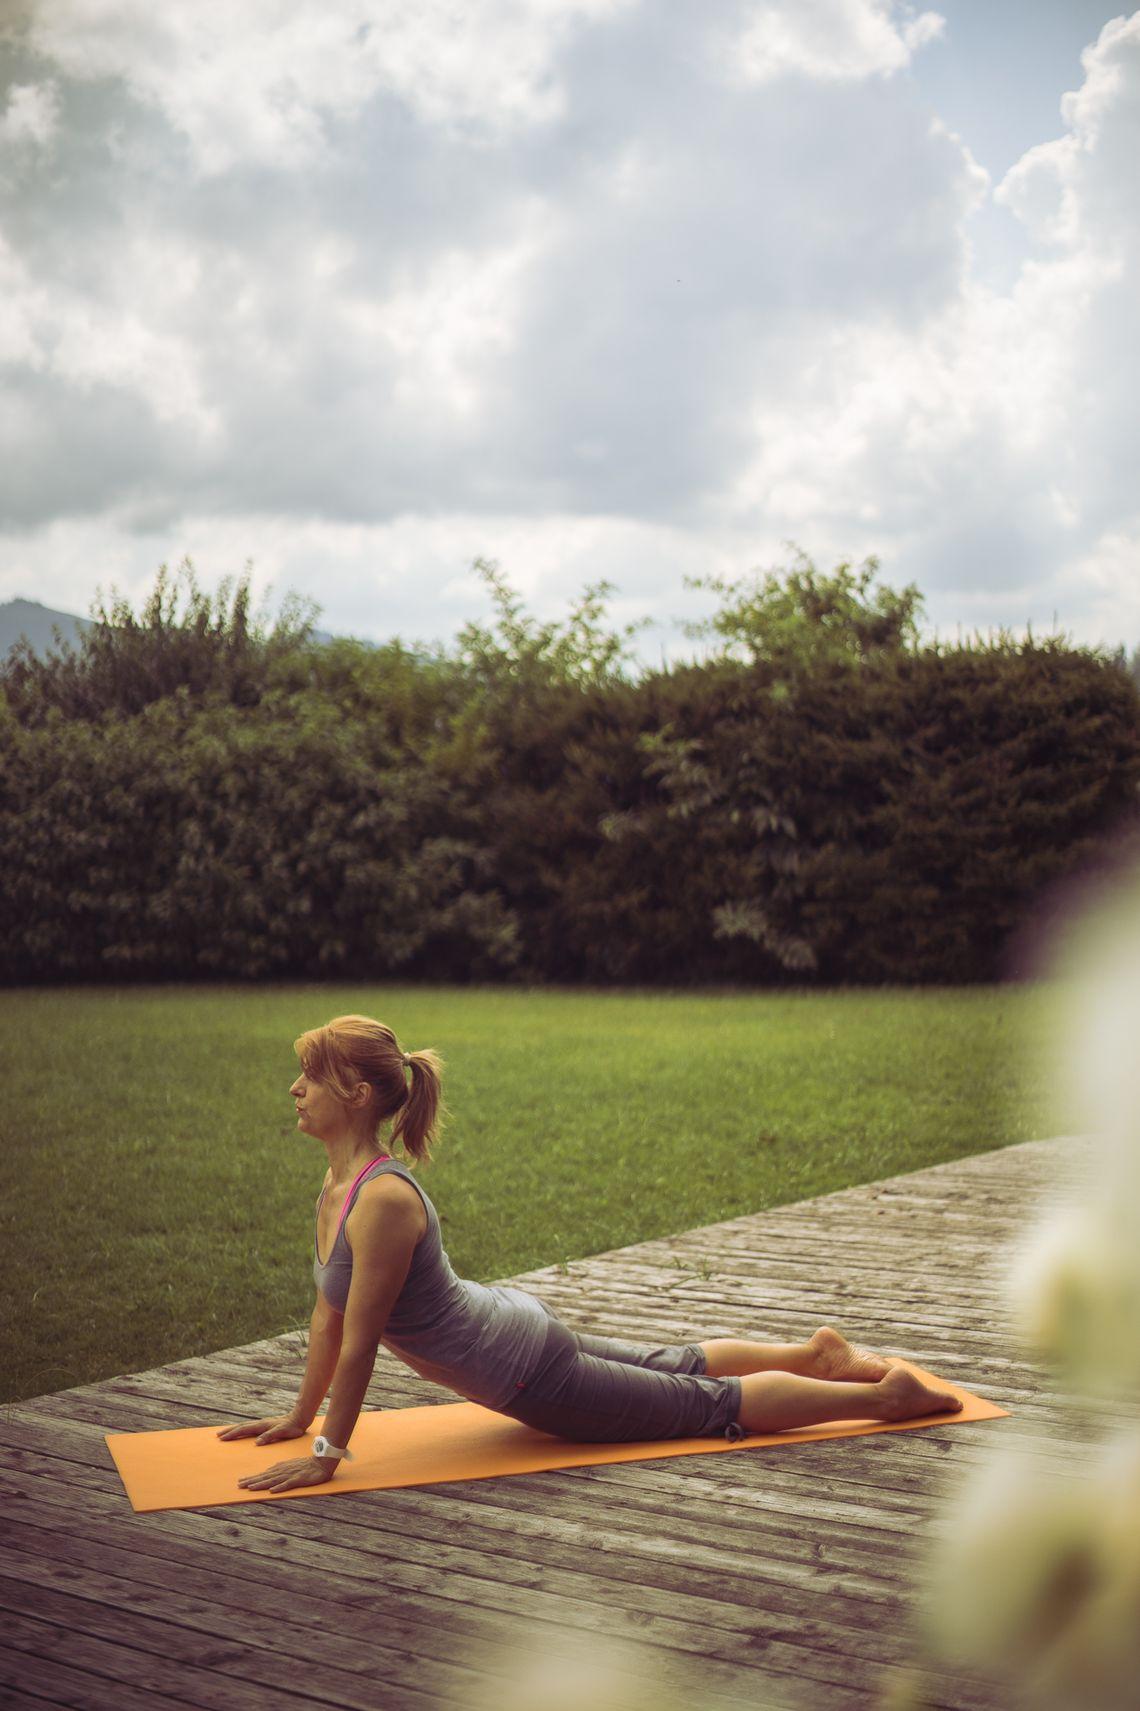 Die Mittelburg Yoga Garten  - © Thomas Mayr , Kur- und Tourismusbüro Oy-Mittelberg